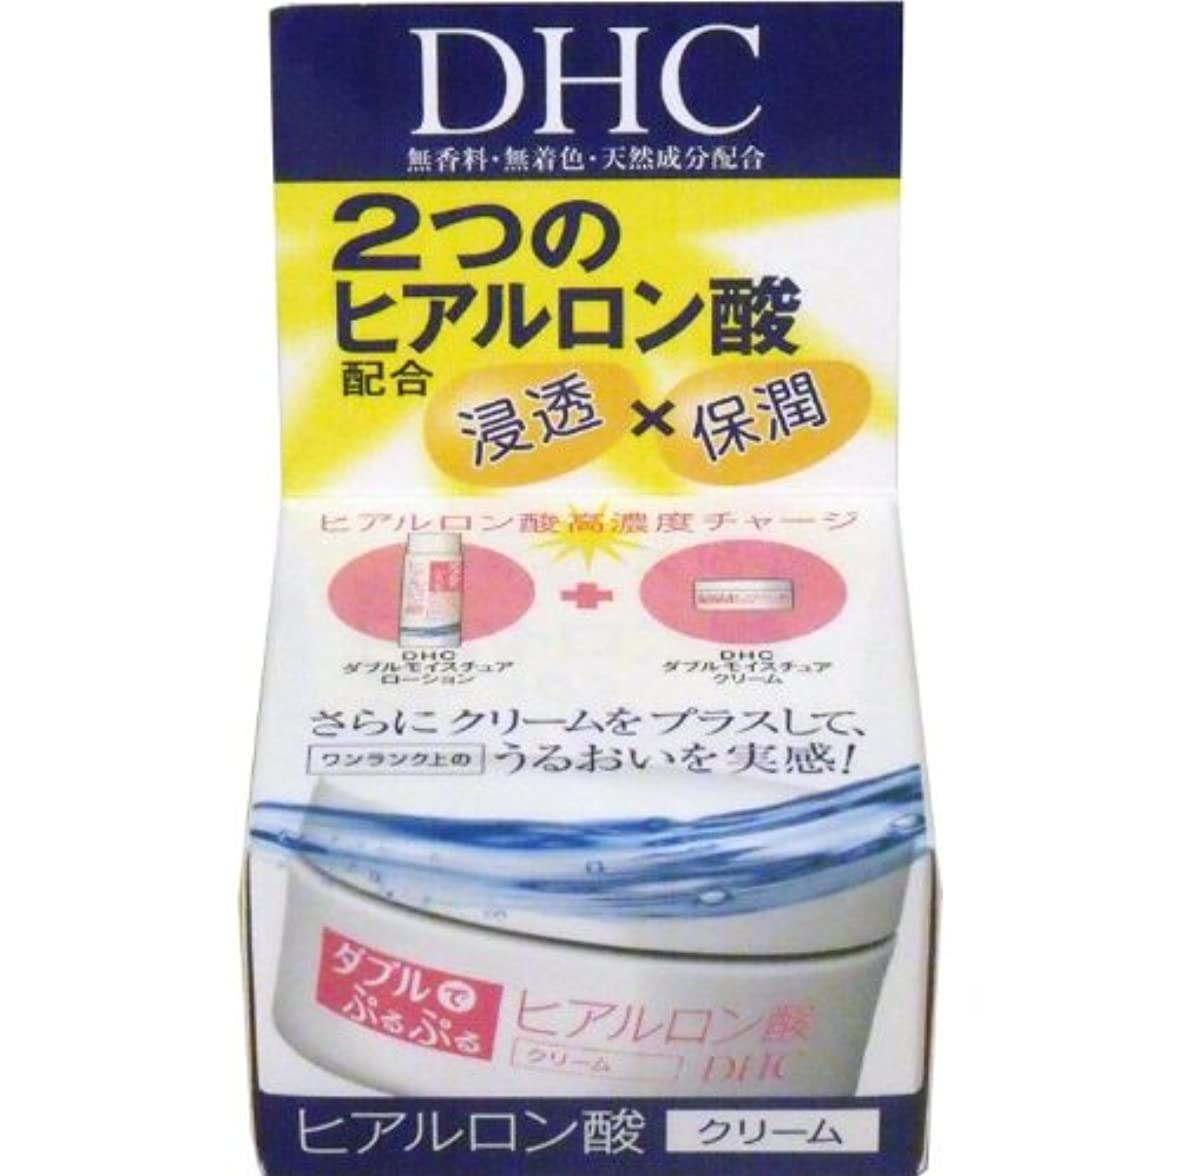 世紀石鹸ステッチDHC ダブルモイスチュア クリーム 50g【5個セット】